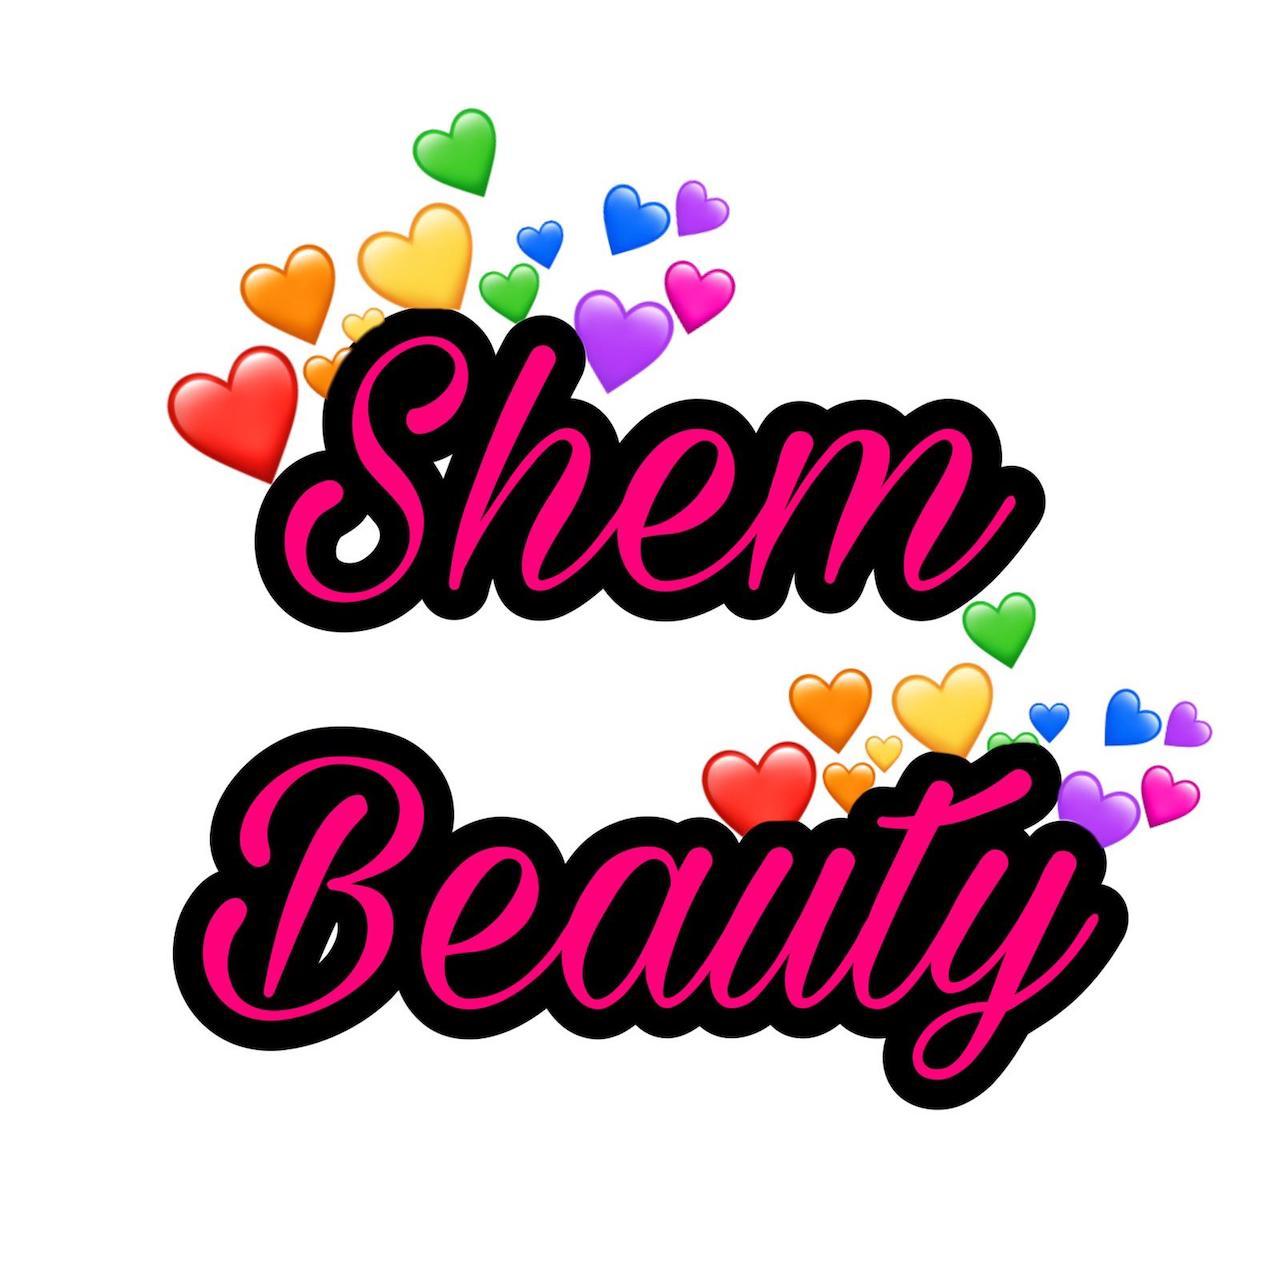 Shem Beauty